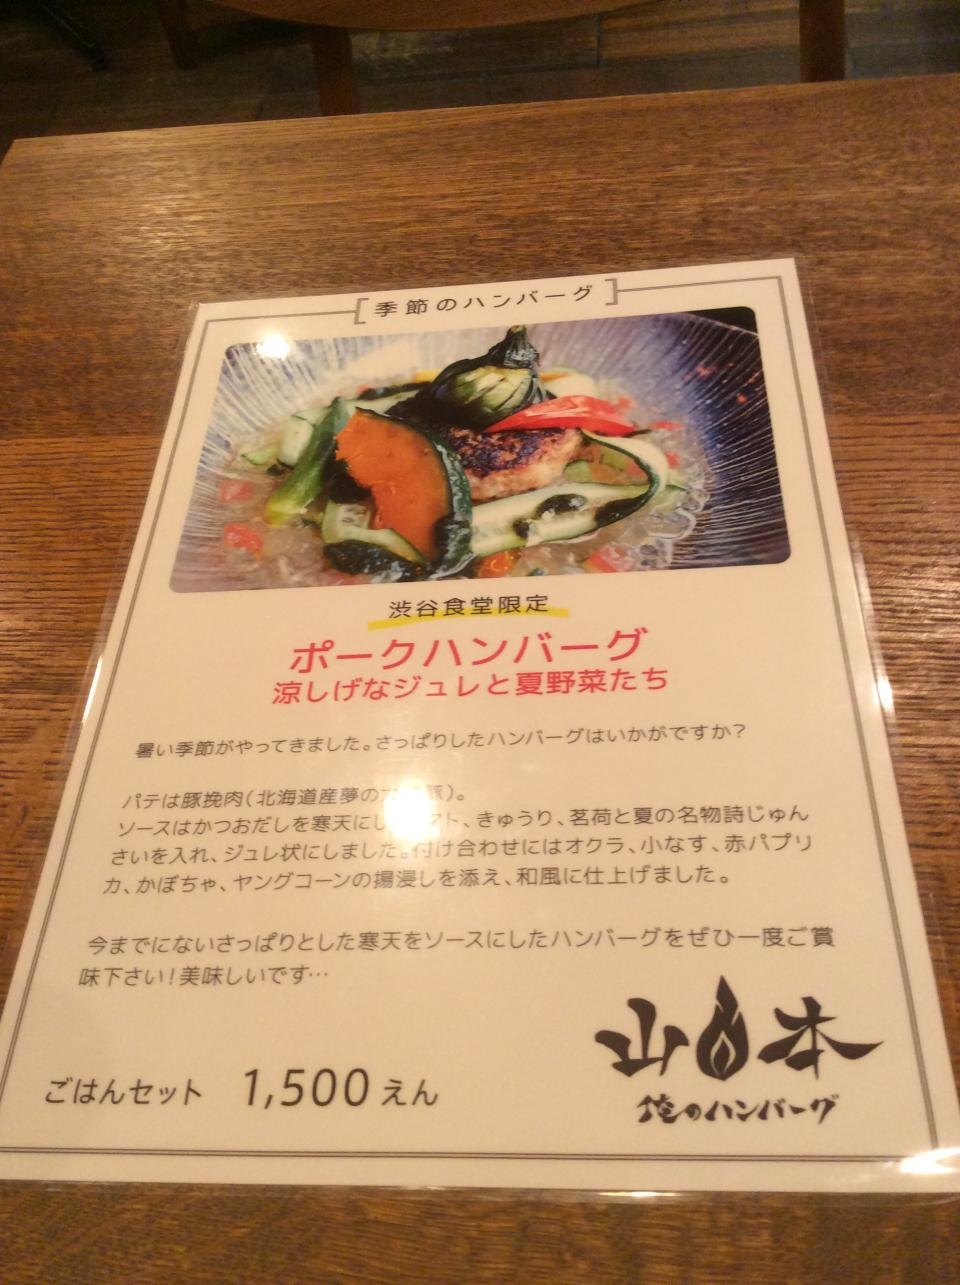 俺のハンバーグ山本渋谷食堂(メニュー)